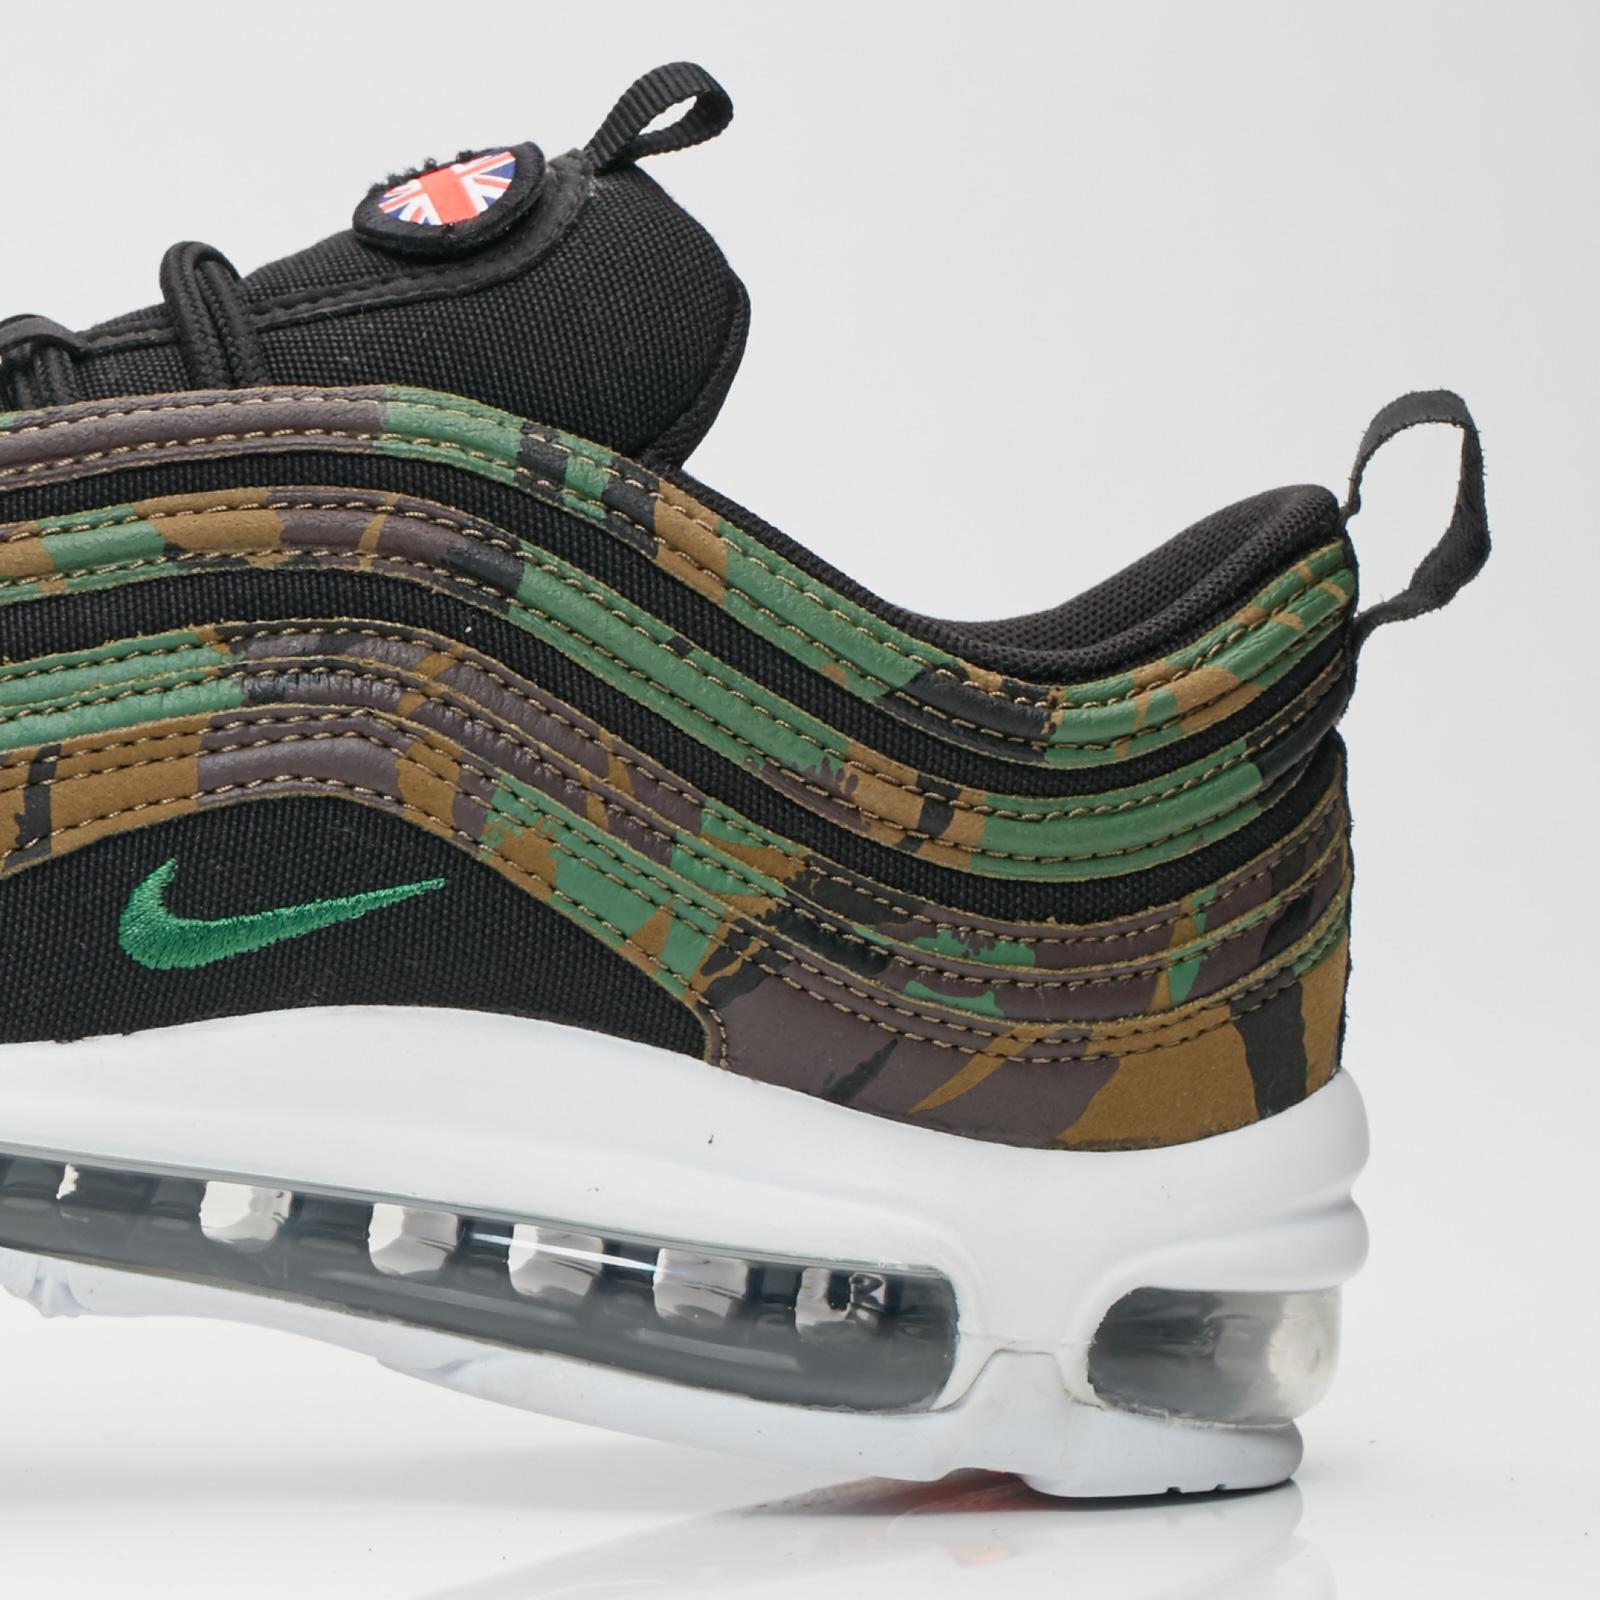 6e61ba5bc7 Nike Air Max 97 Premium QS